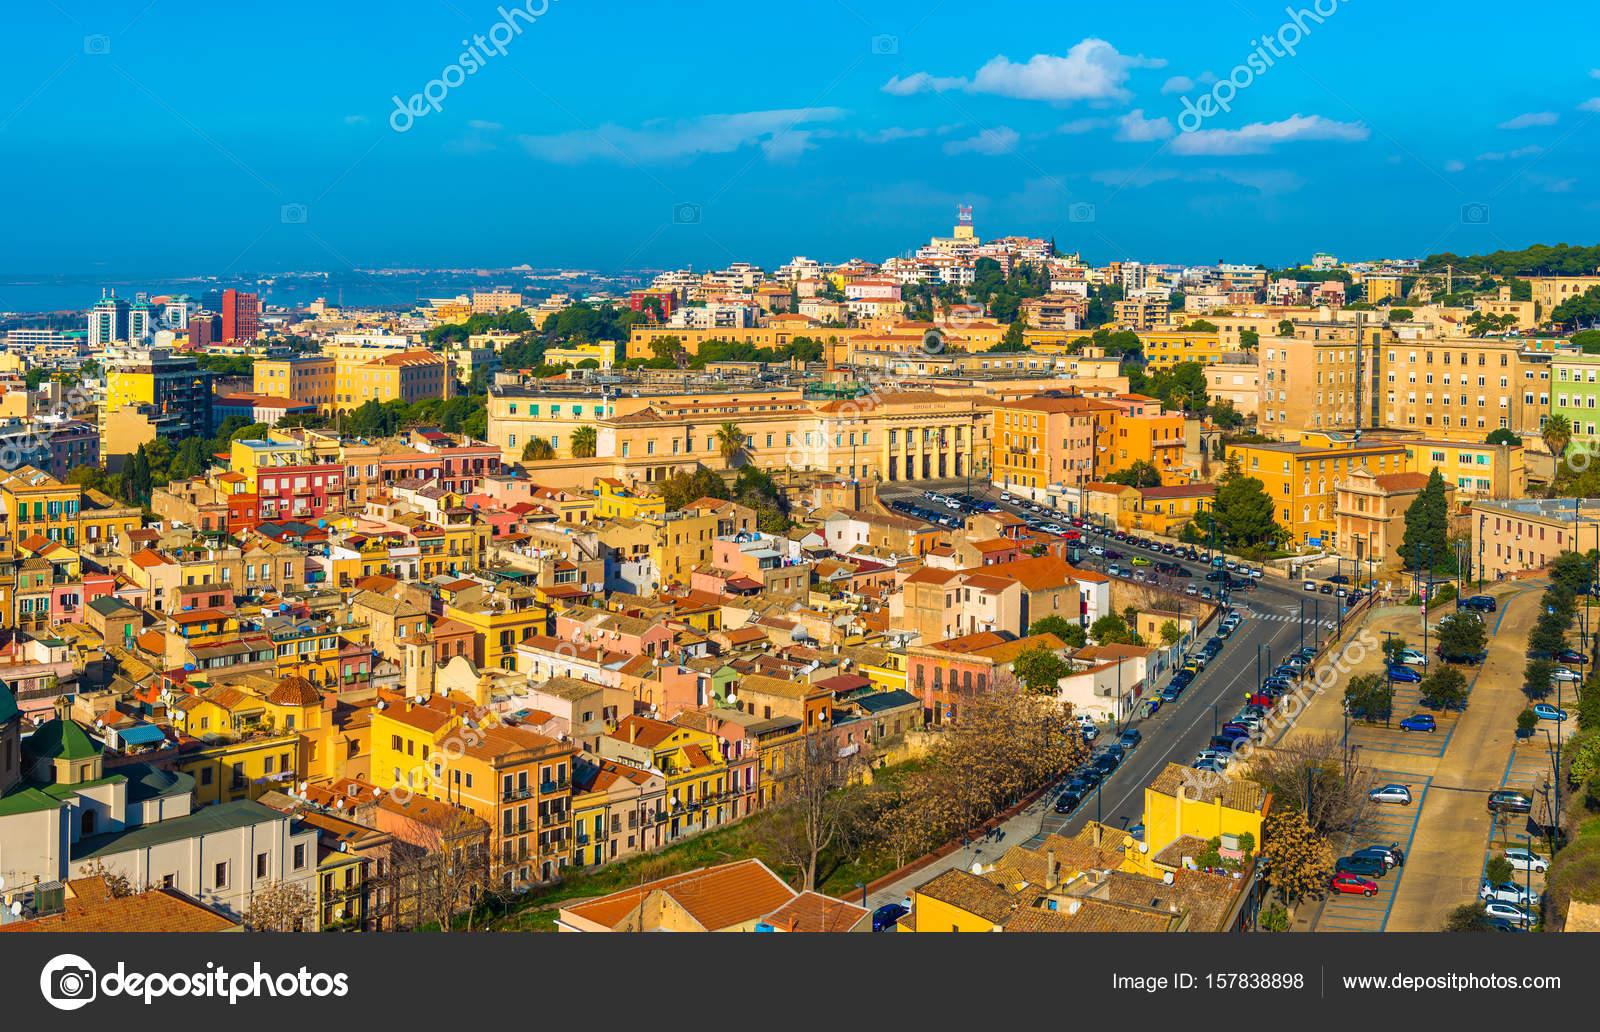 Cagliari, Italy: Cityscape of historic city center in ...